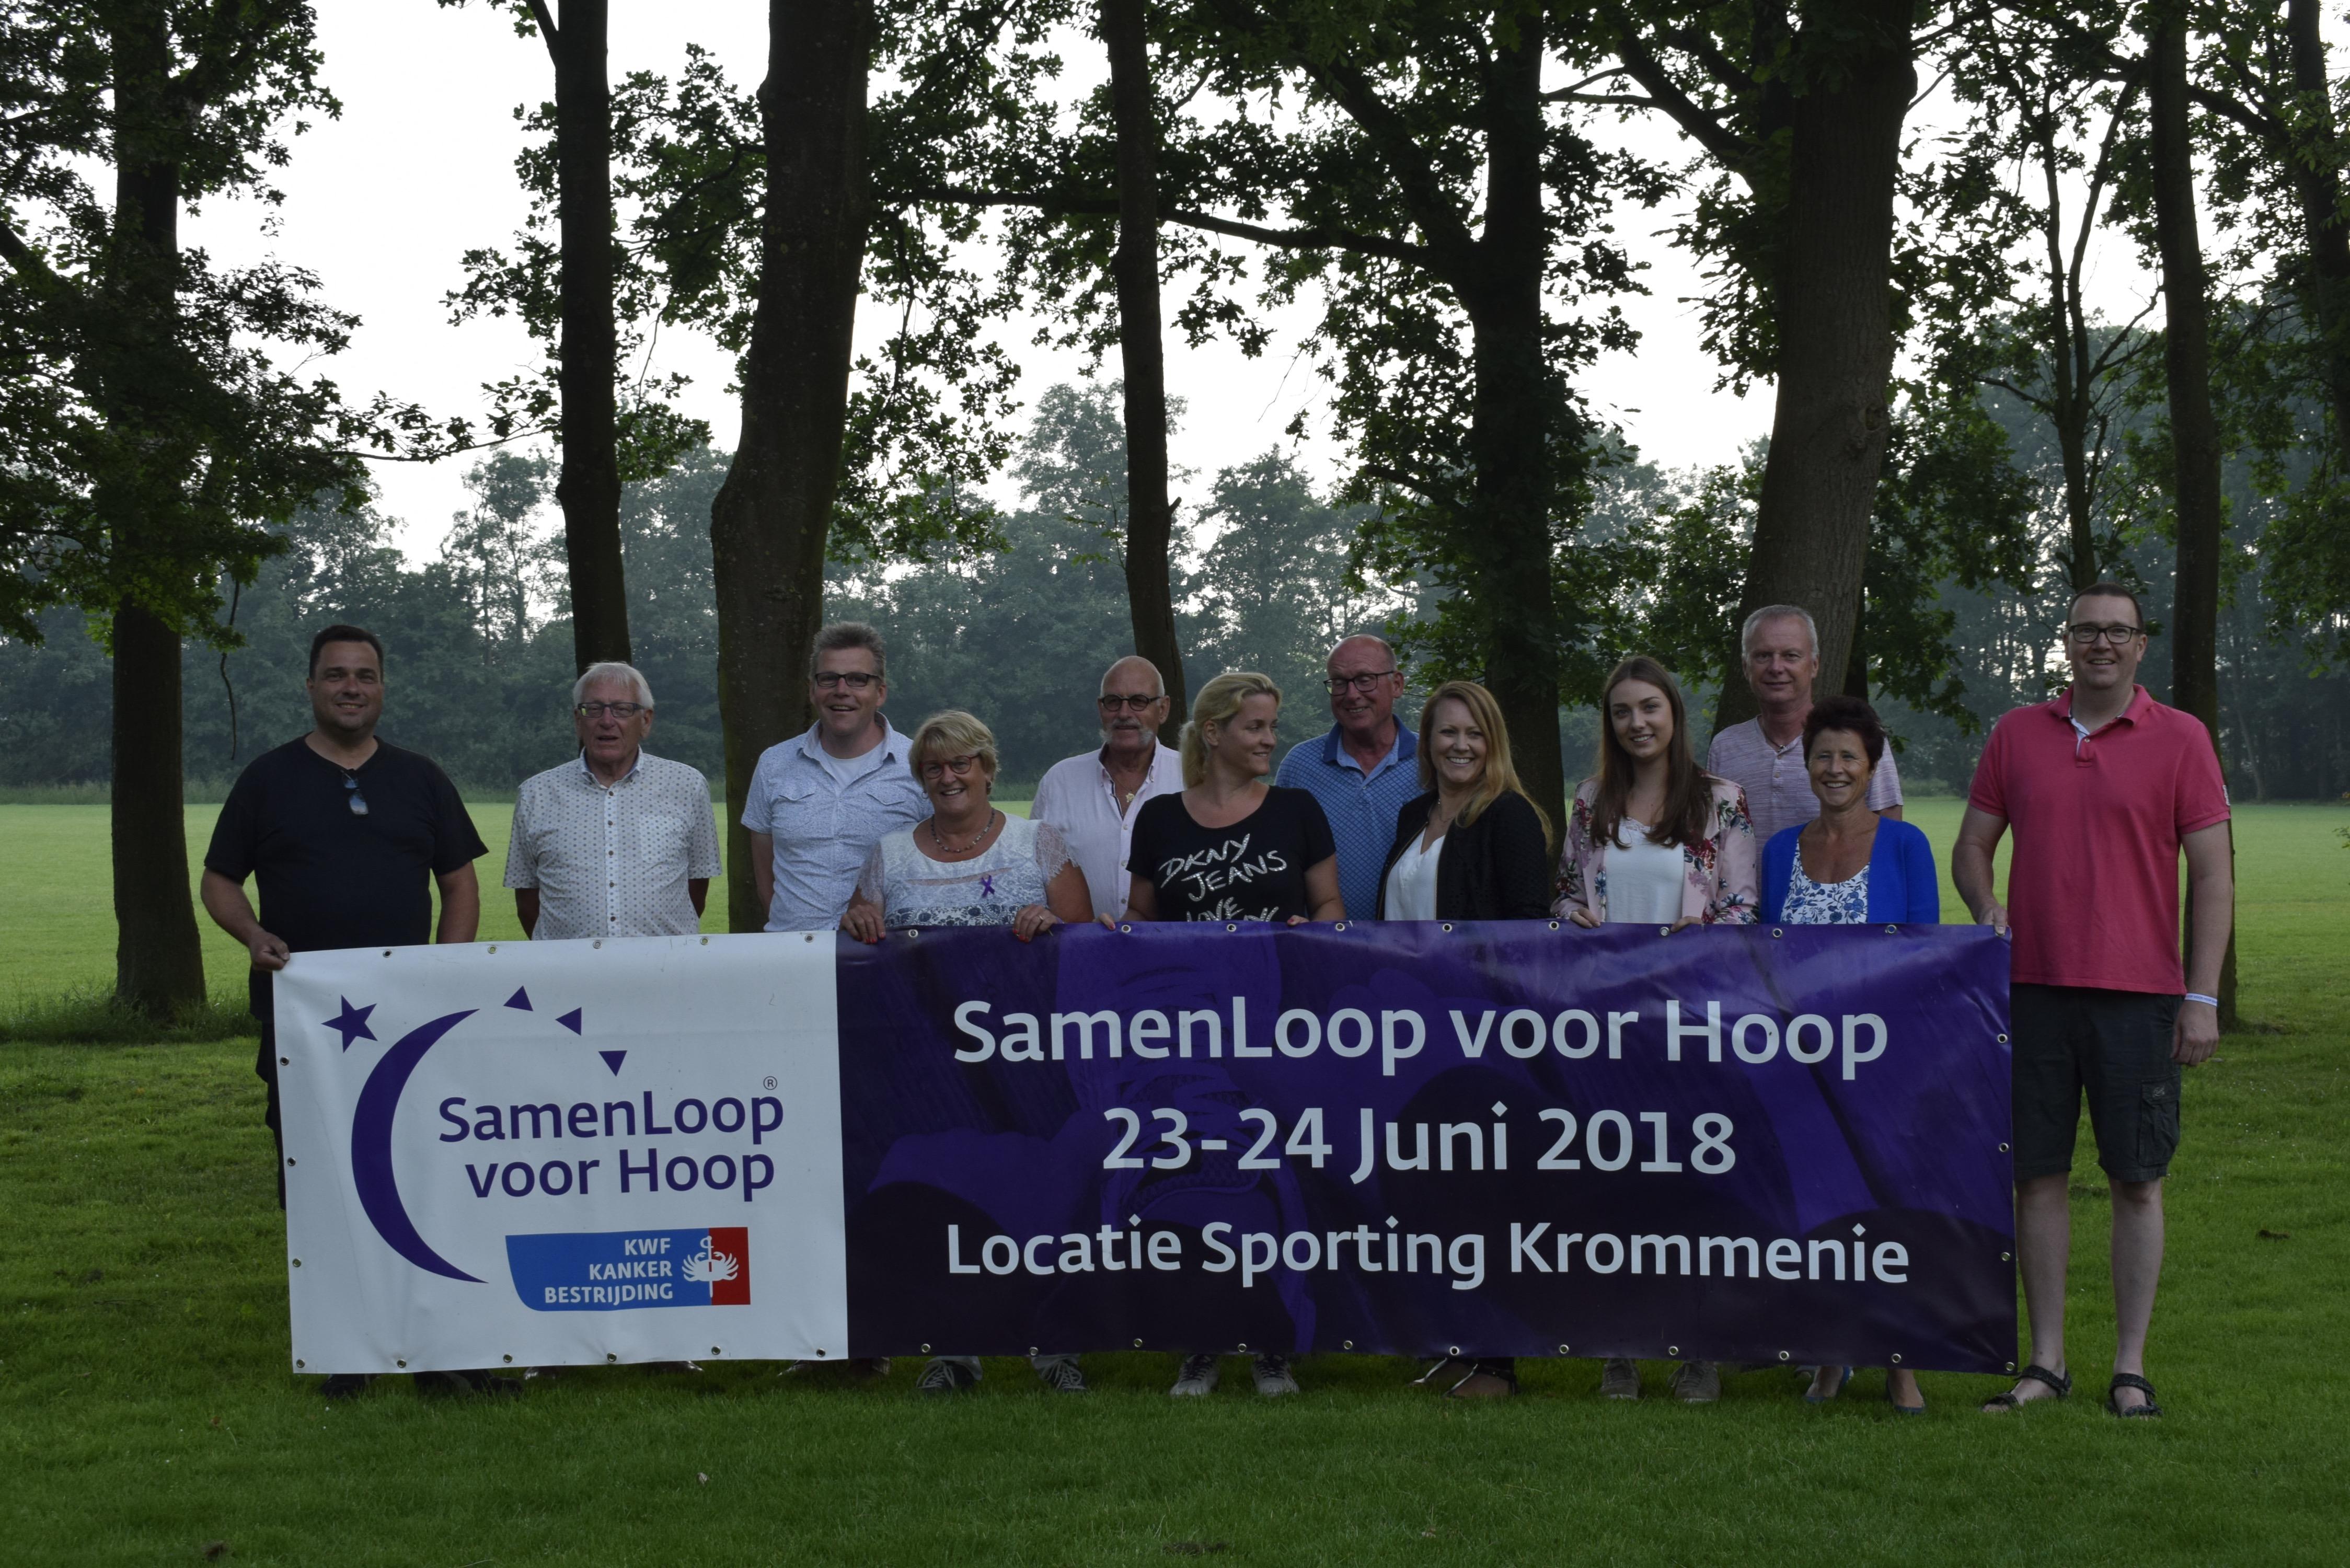 De vaste ploeg vrijwilligers van SamenLoop voor Hoop Zaanstad  tussen de bomen van het herdenkingsbos. (Foto: Yvette van der Does/RM) rodi.nl © rodi